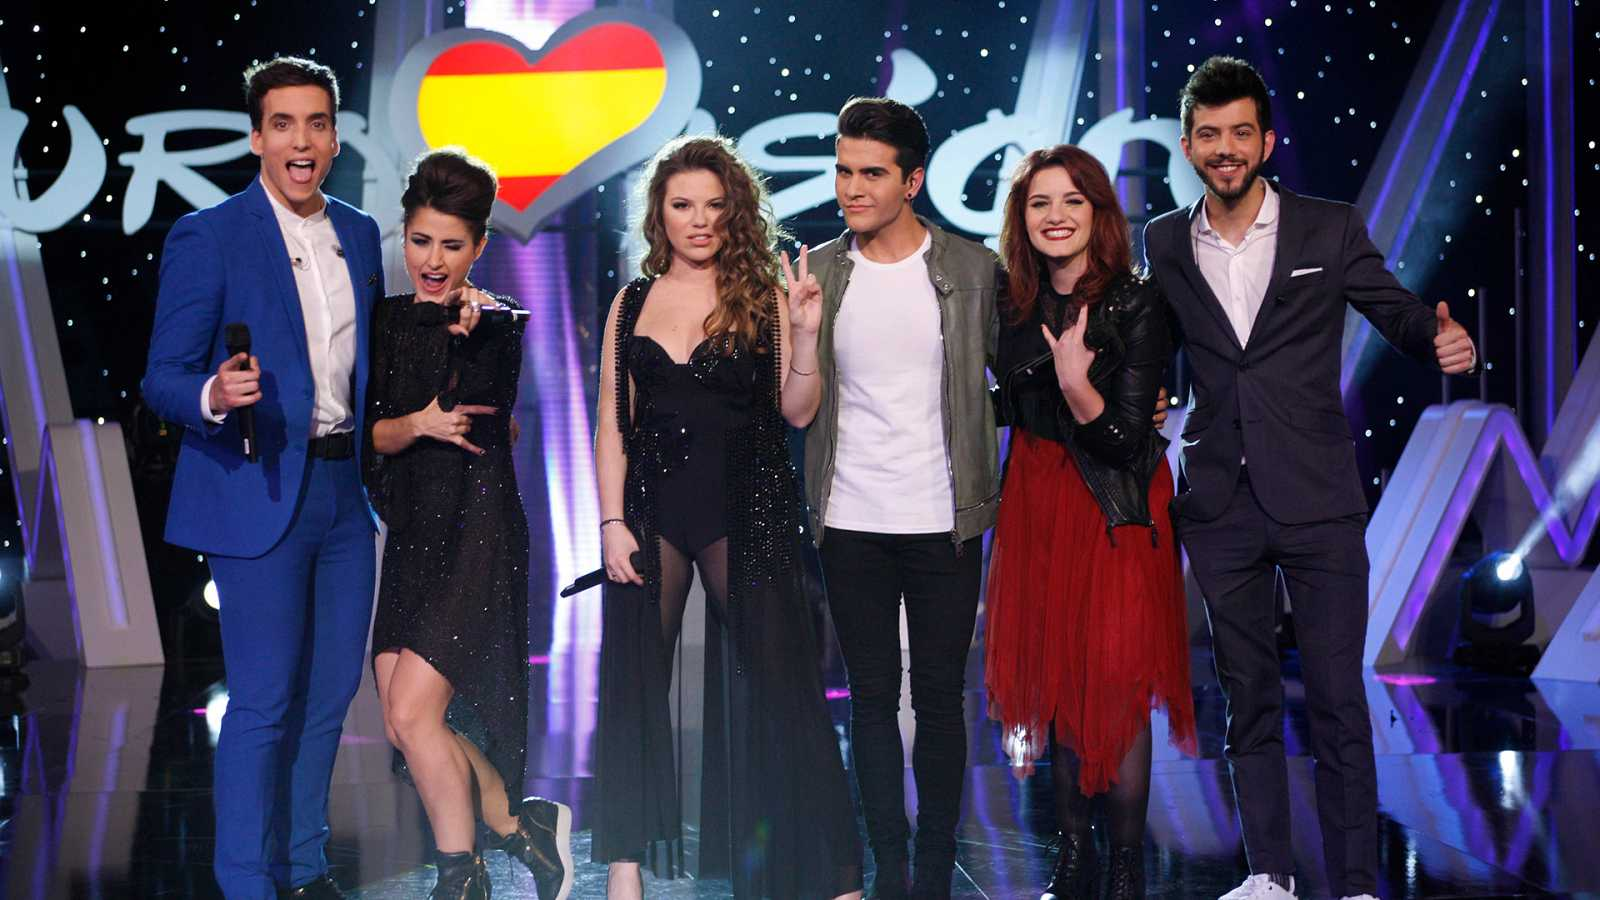 Objetivo Eurovisión 2016 - RTVE.es